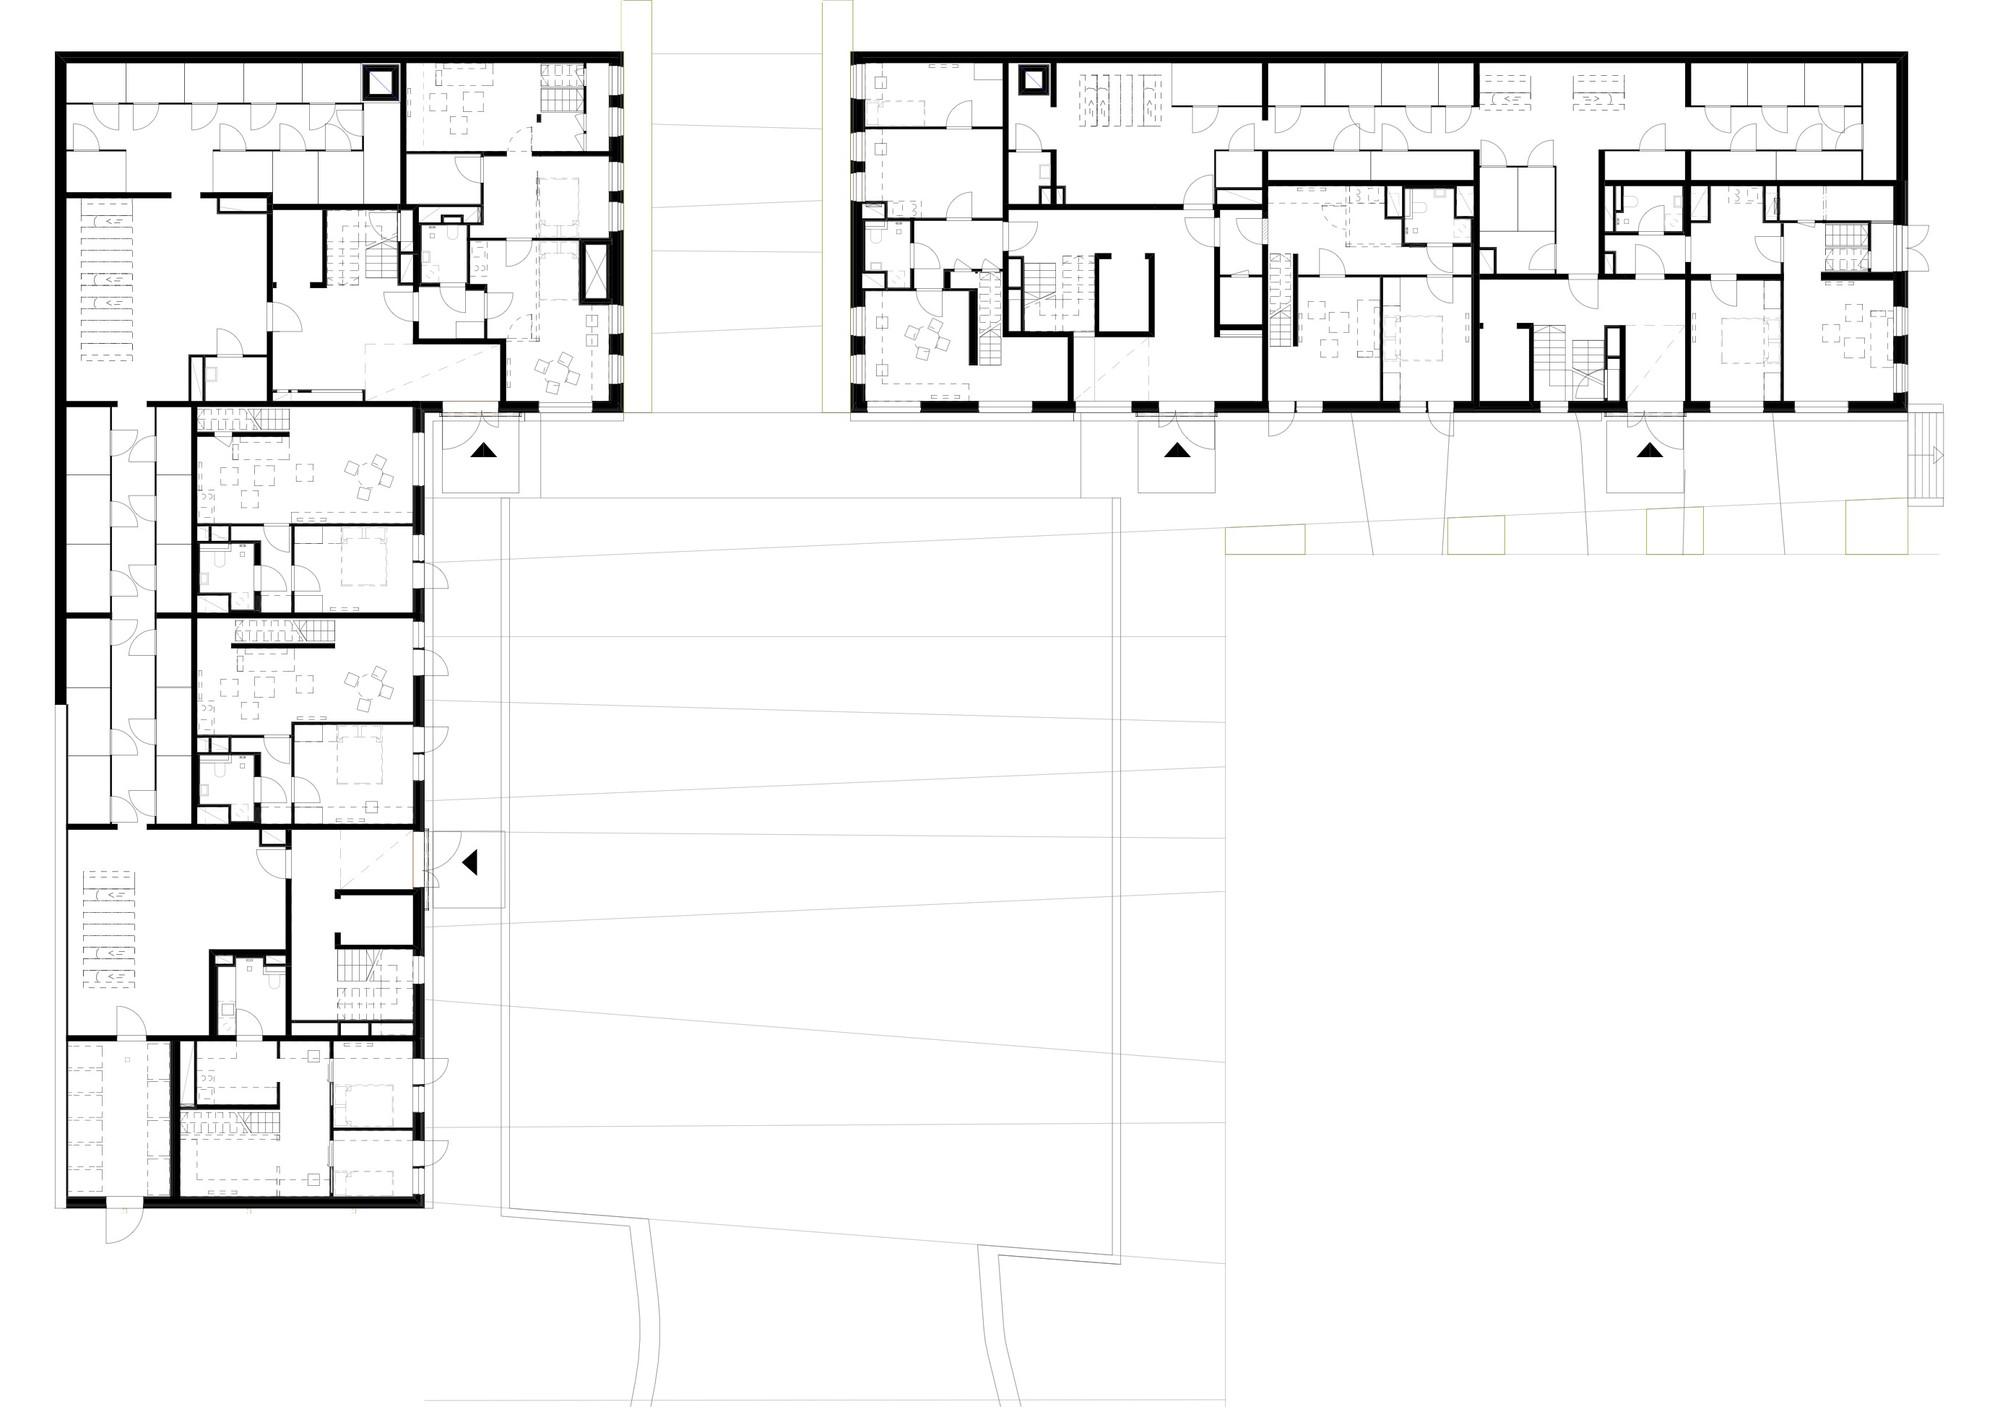 Spikerverket housing april arkitekter archdaily for Floor plans for 160 000